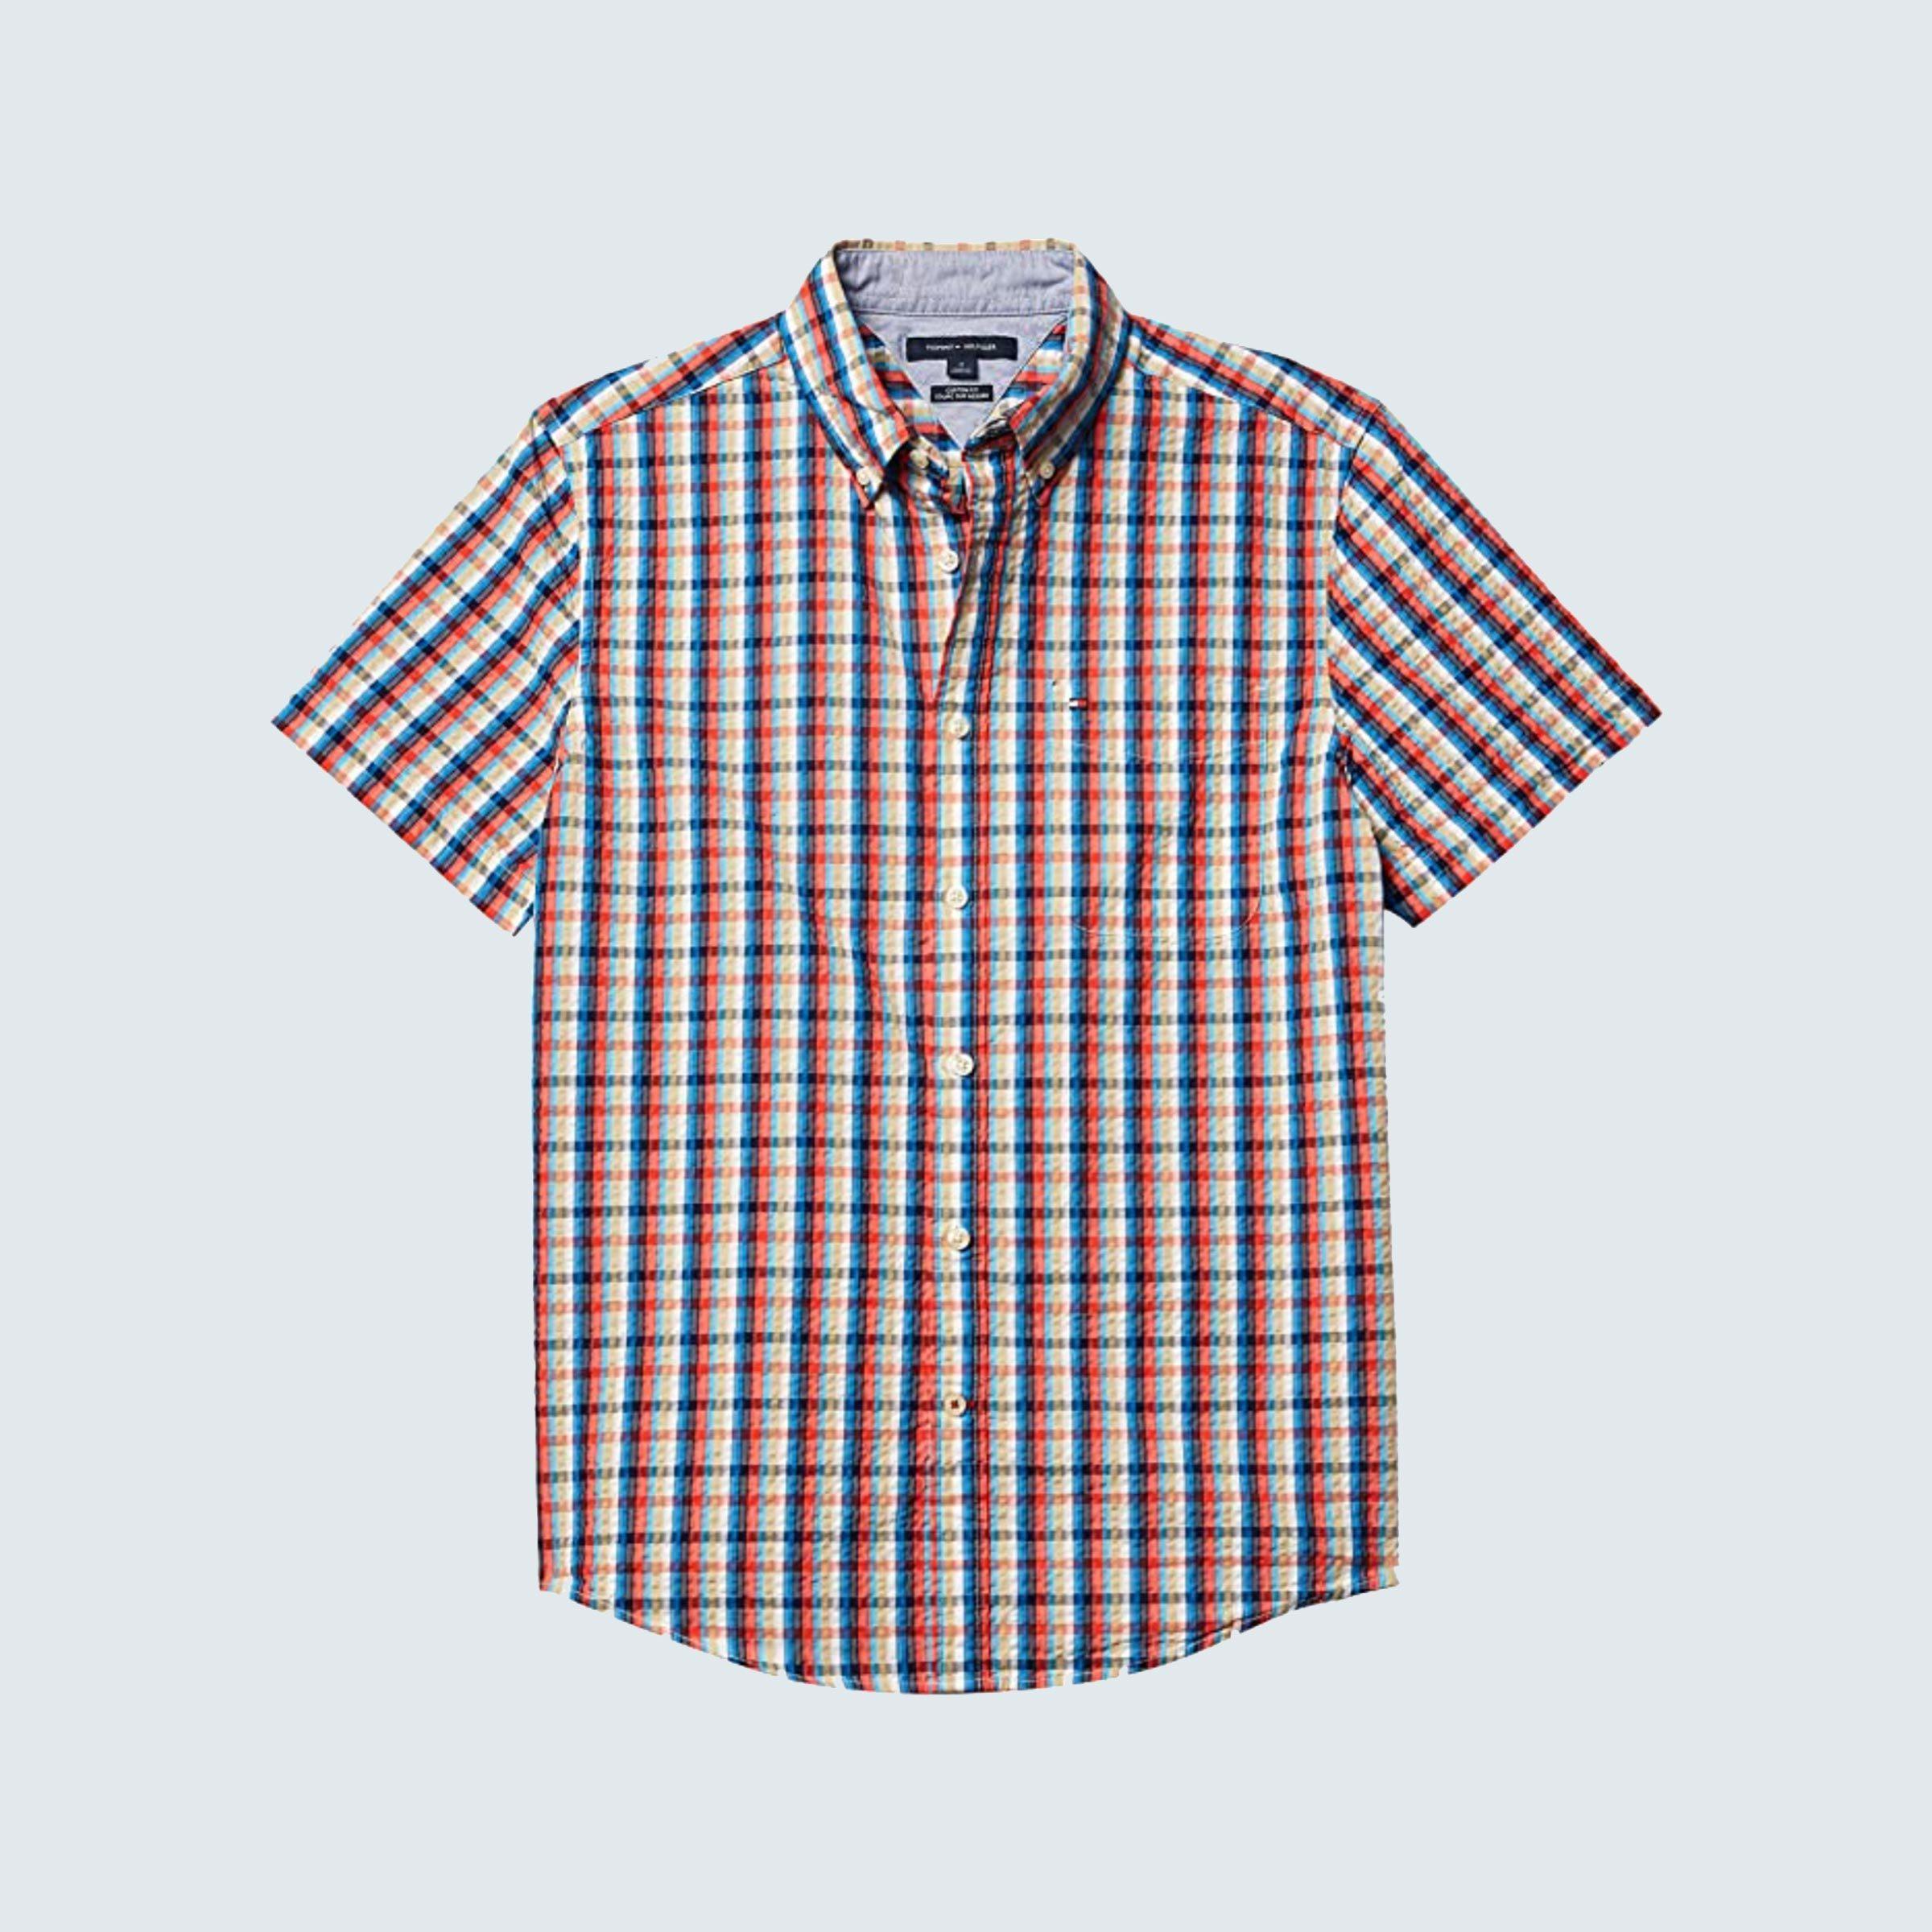 Tommy Hilfiger Men's Short Sleeve Button Down Shirt